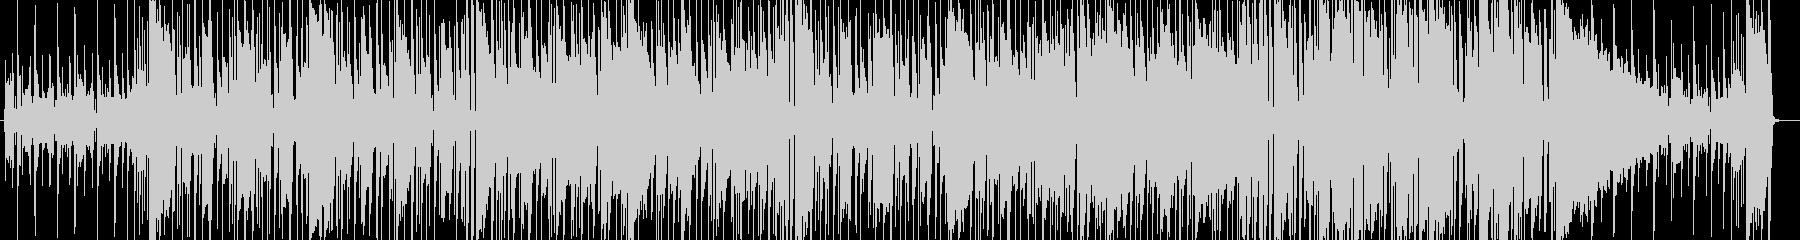 無機質で不思議なフュージョンの未再生の波形